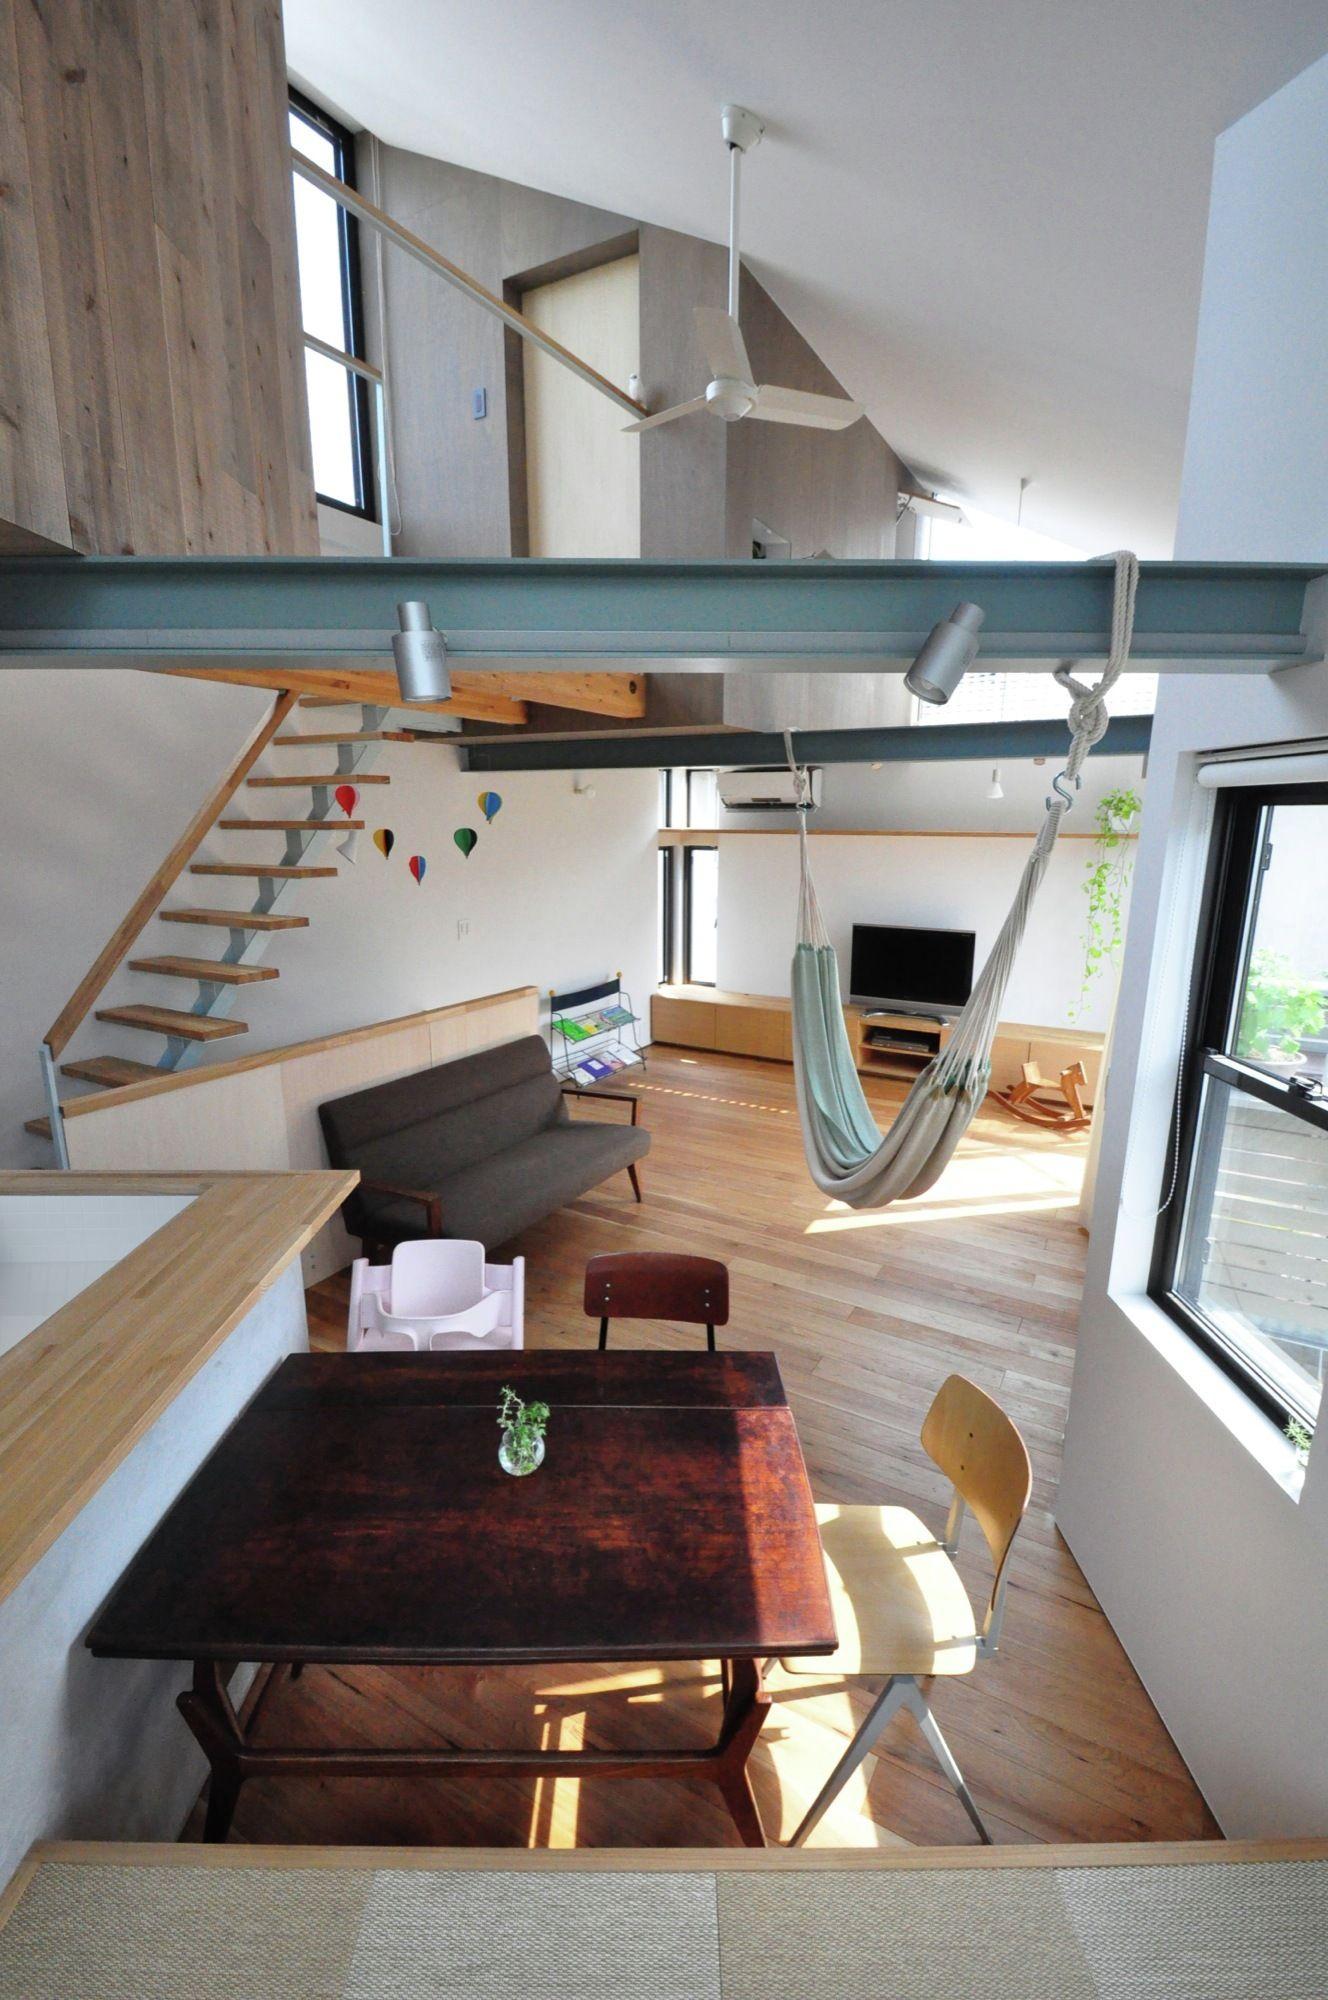 ishibe house google haku - Small House With Attic